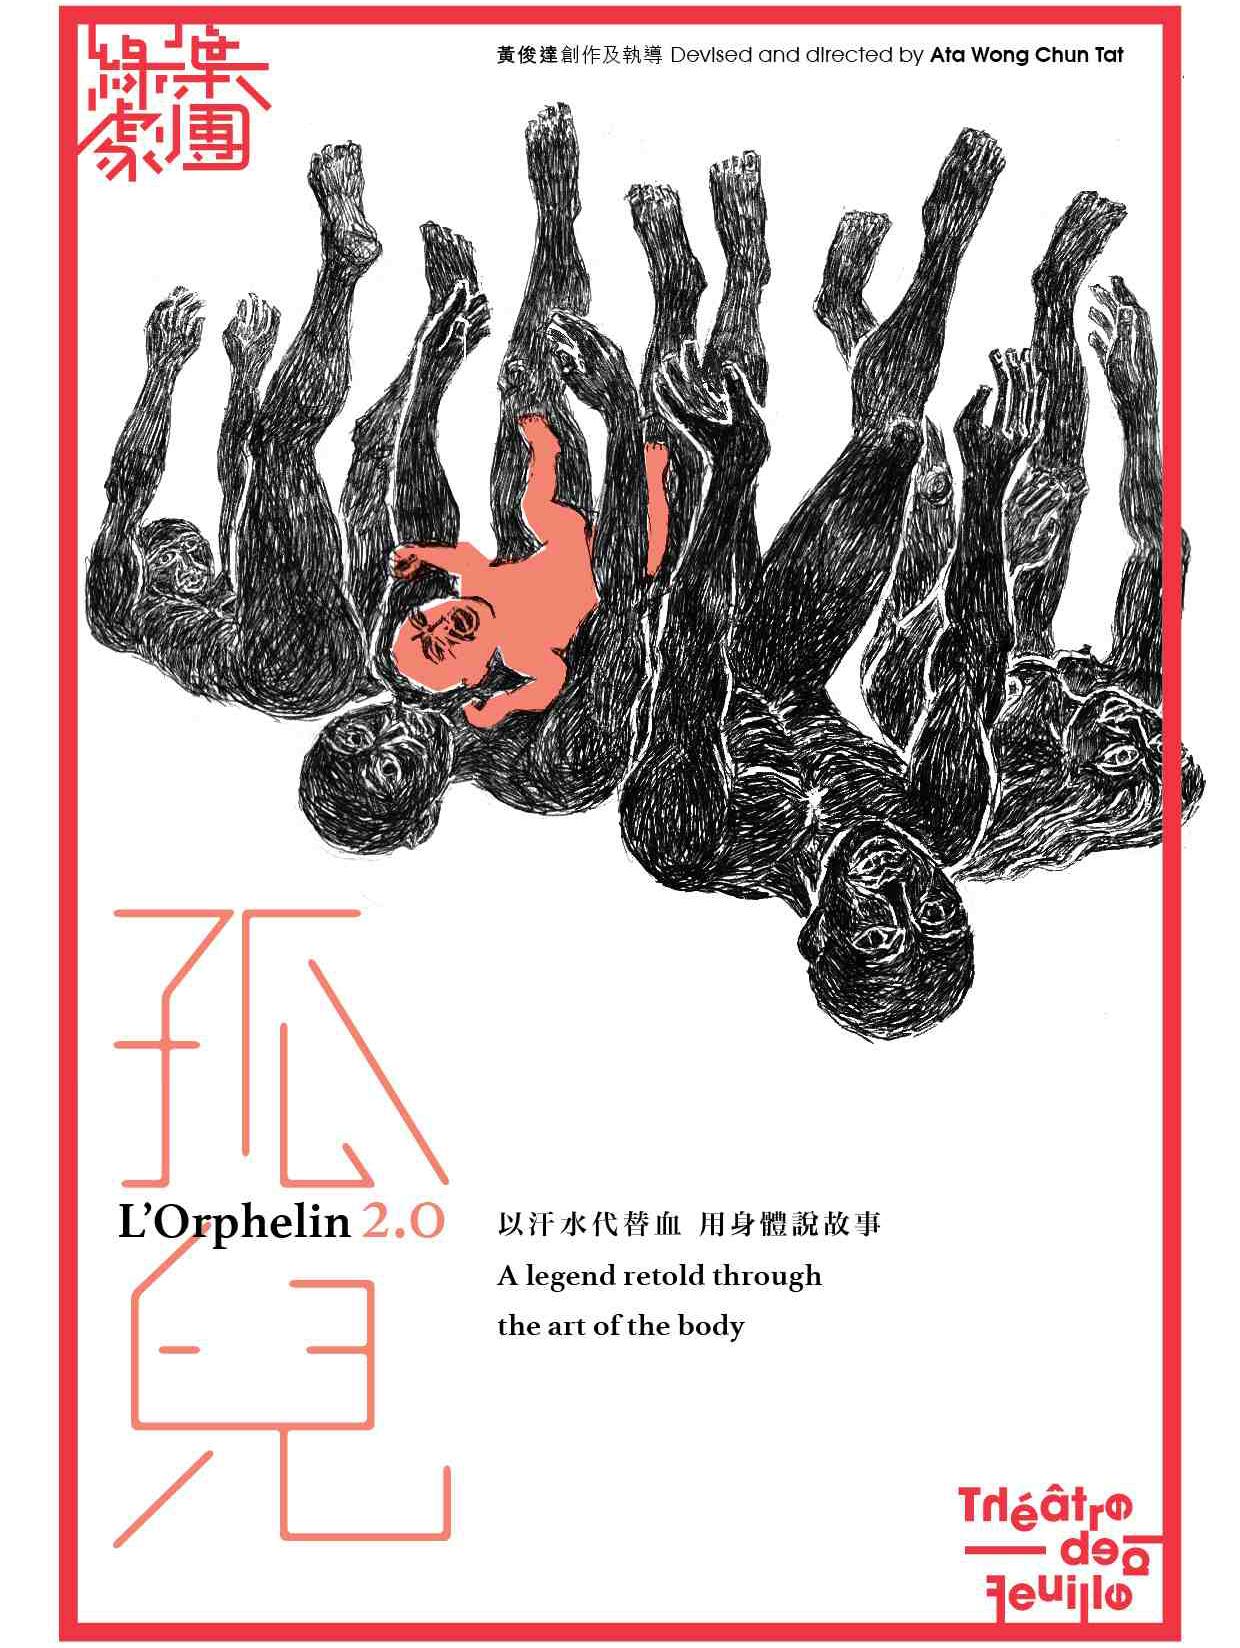 2017第四届城市戏剧节 乌镇戏剧节五星推荐 · 香港绿叶剧团肢体剧《孤儿2.0》